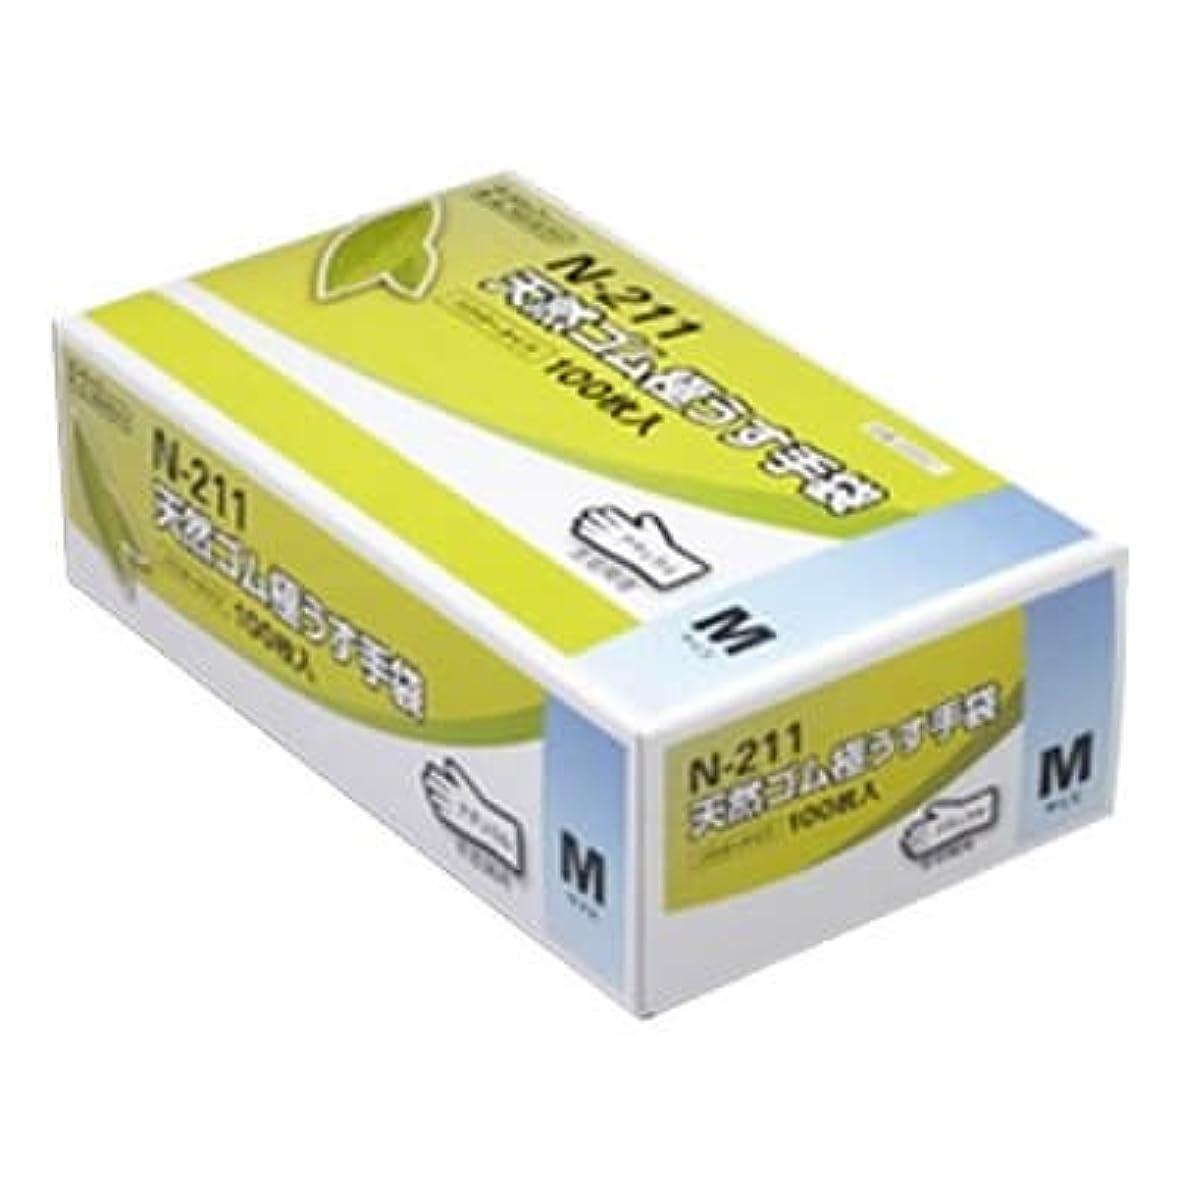 ショッキング創傷支援【ケース販売】 ダンロップ 天然ゴム極うす手袋 N-211 M ナチュラル (100枚入×20箱)